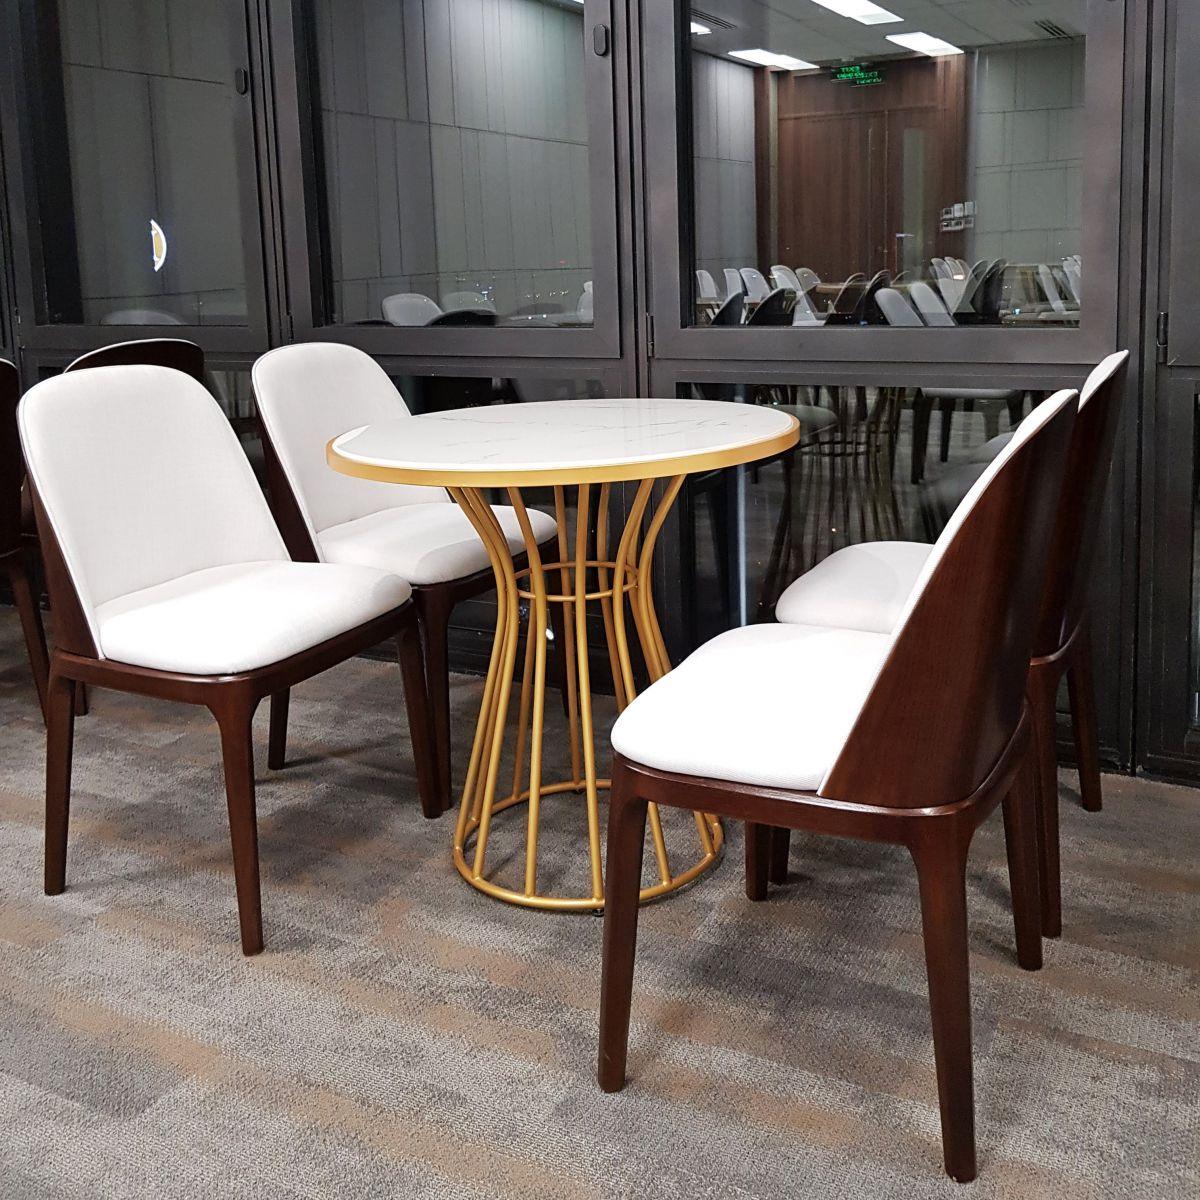 bộ bàn ghế gỗ cao cấp pcm thiết kế sản xuất